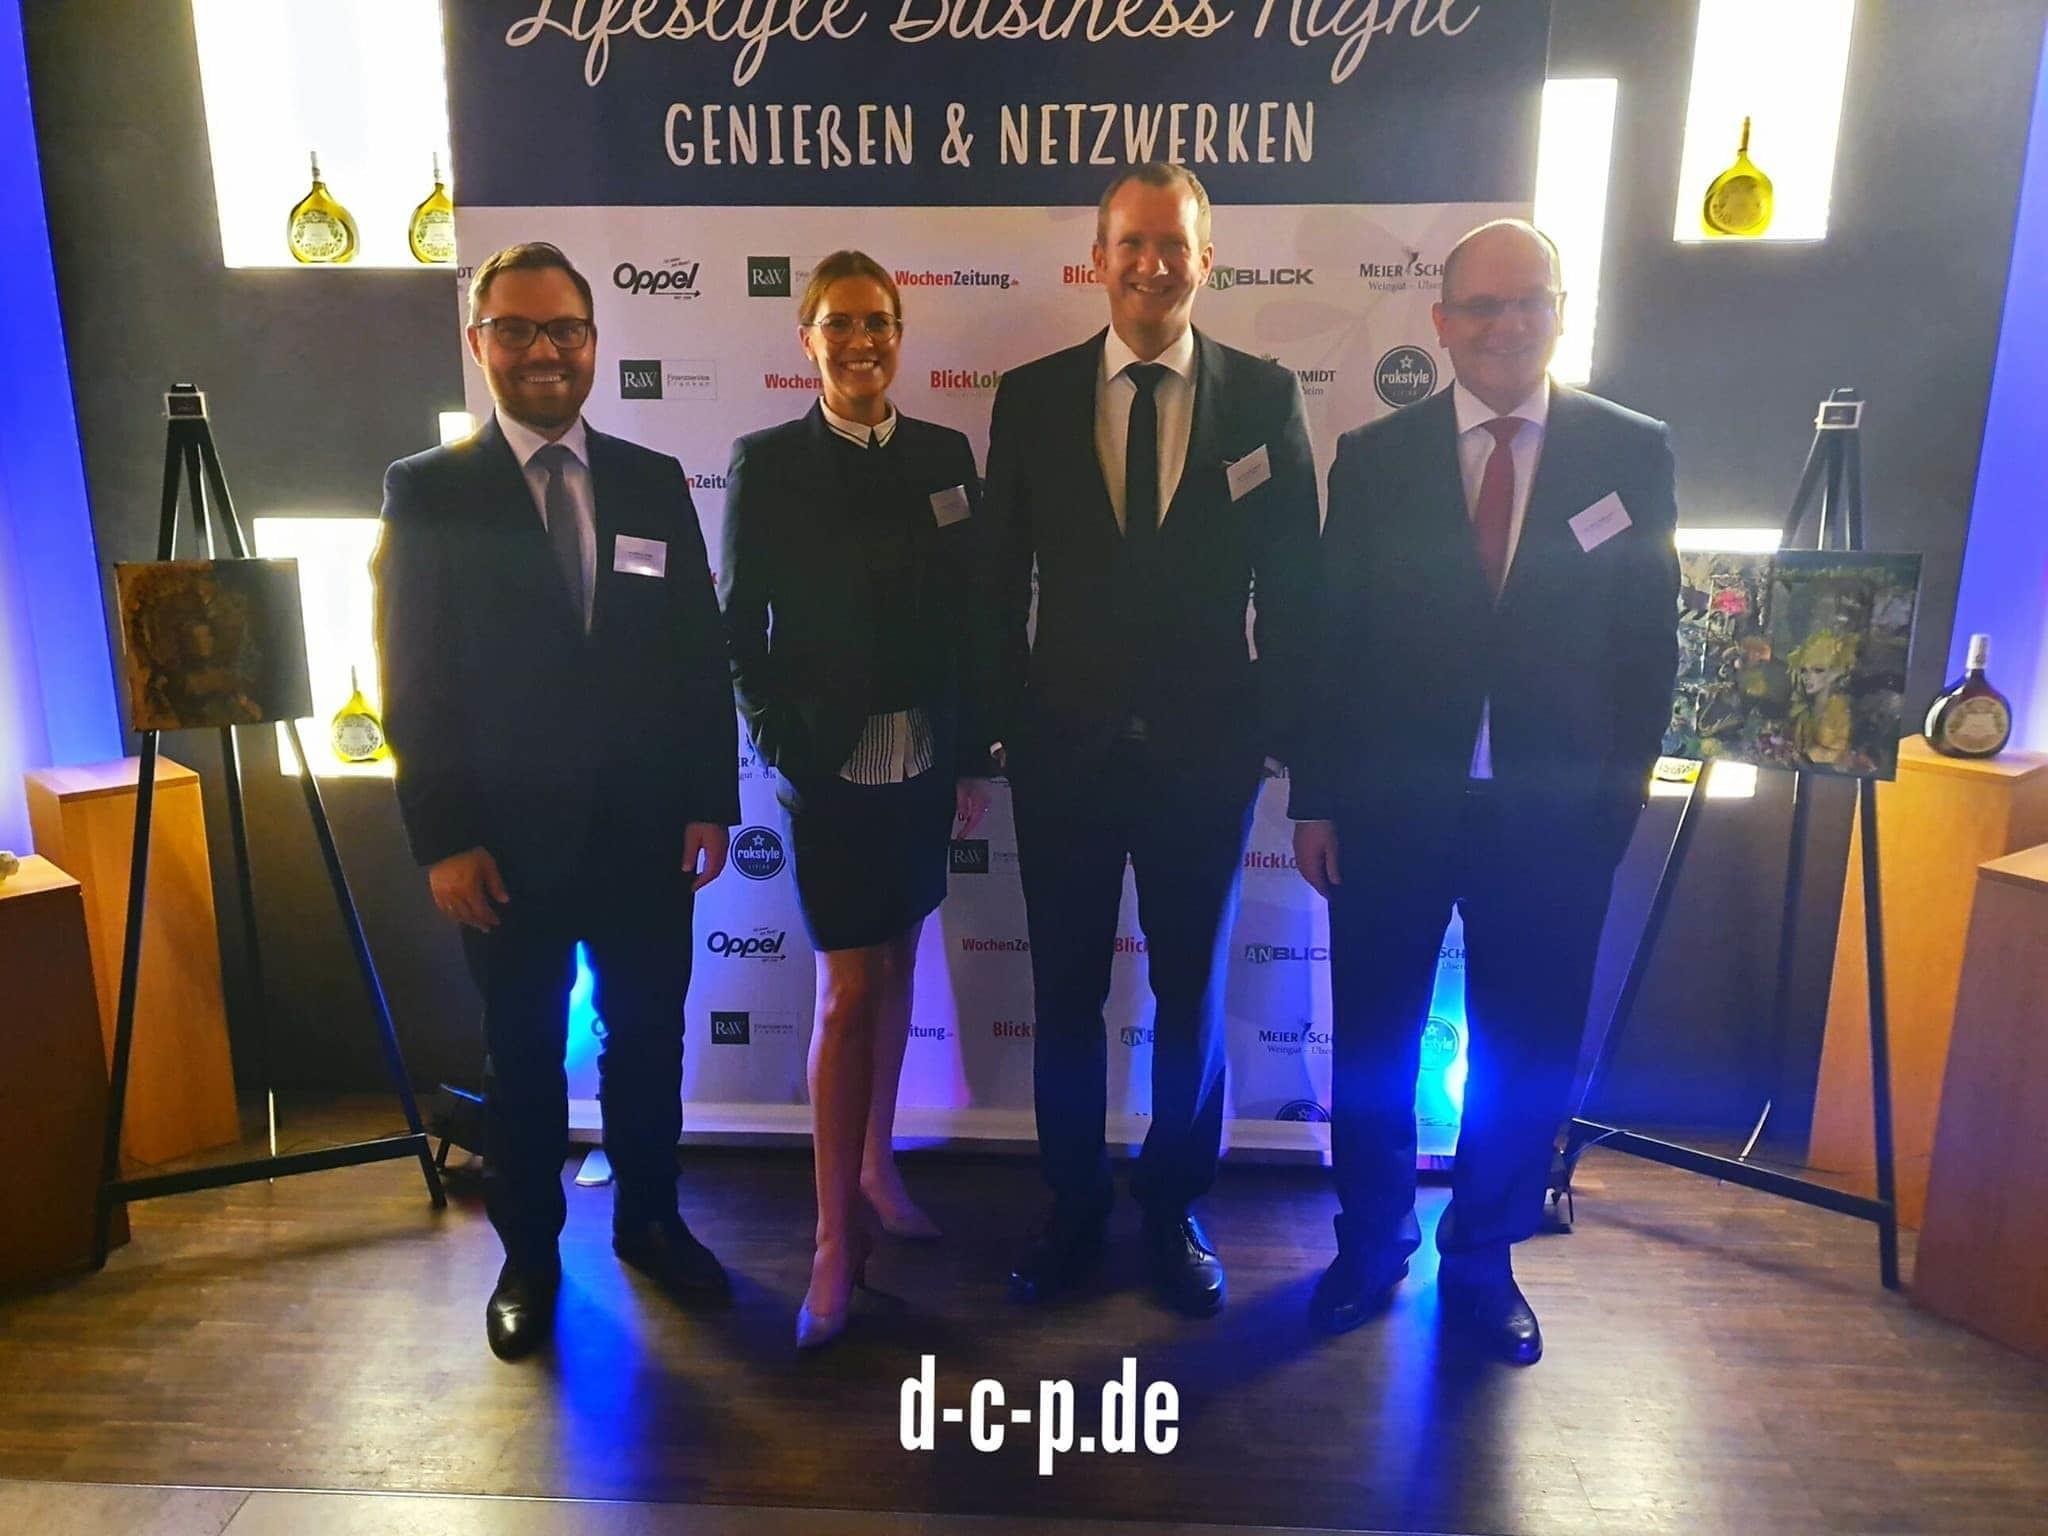 1. Lifestyle Business Night - natürlich mit uns #ansbach #feuchtwangen #rechtsa...